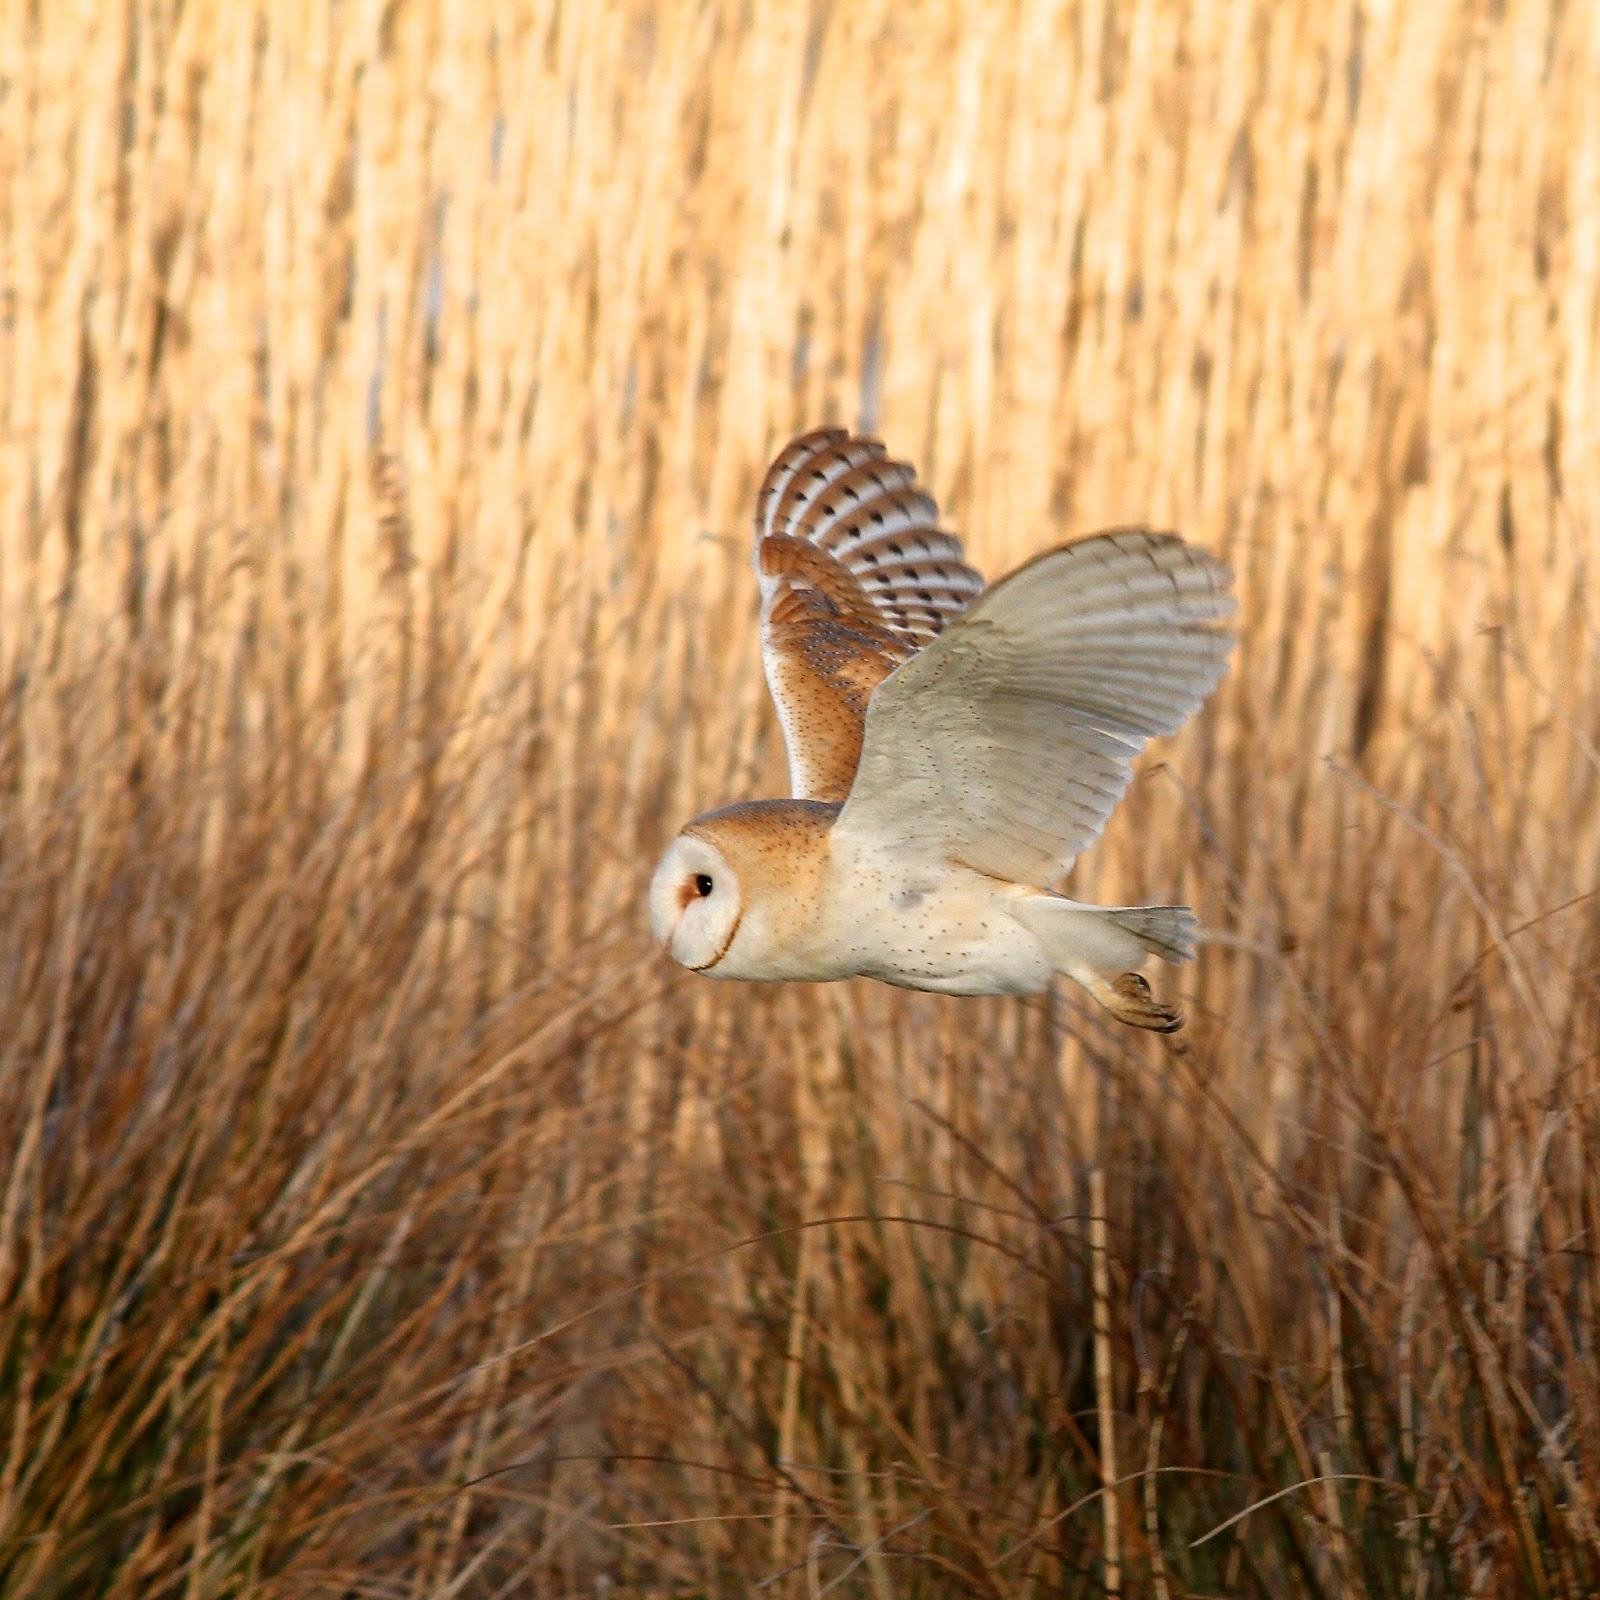 TrogTrogBlog: End of year favourites - Non-garden birds